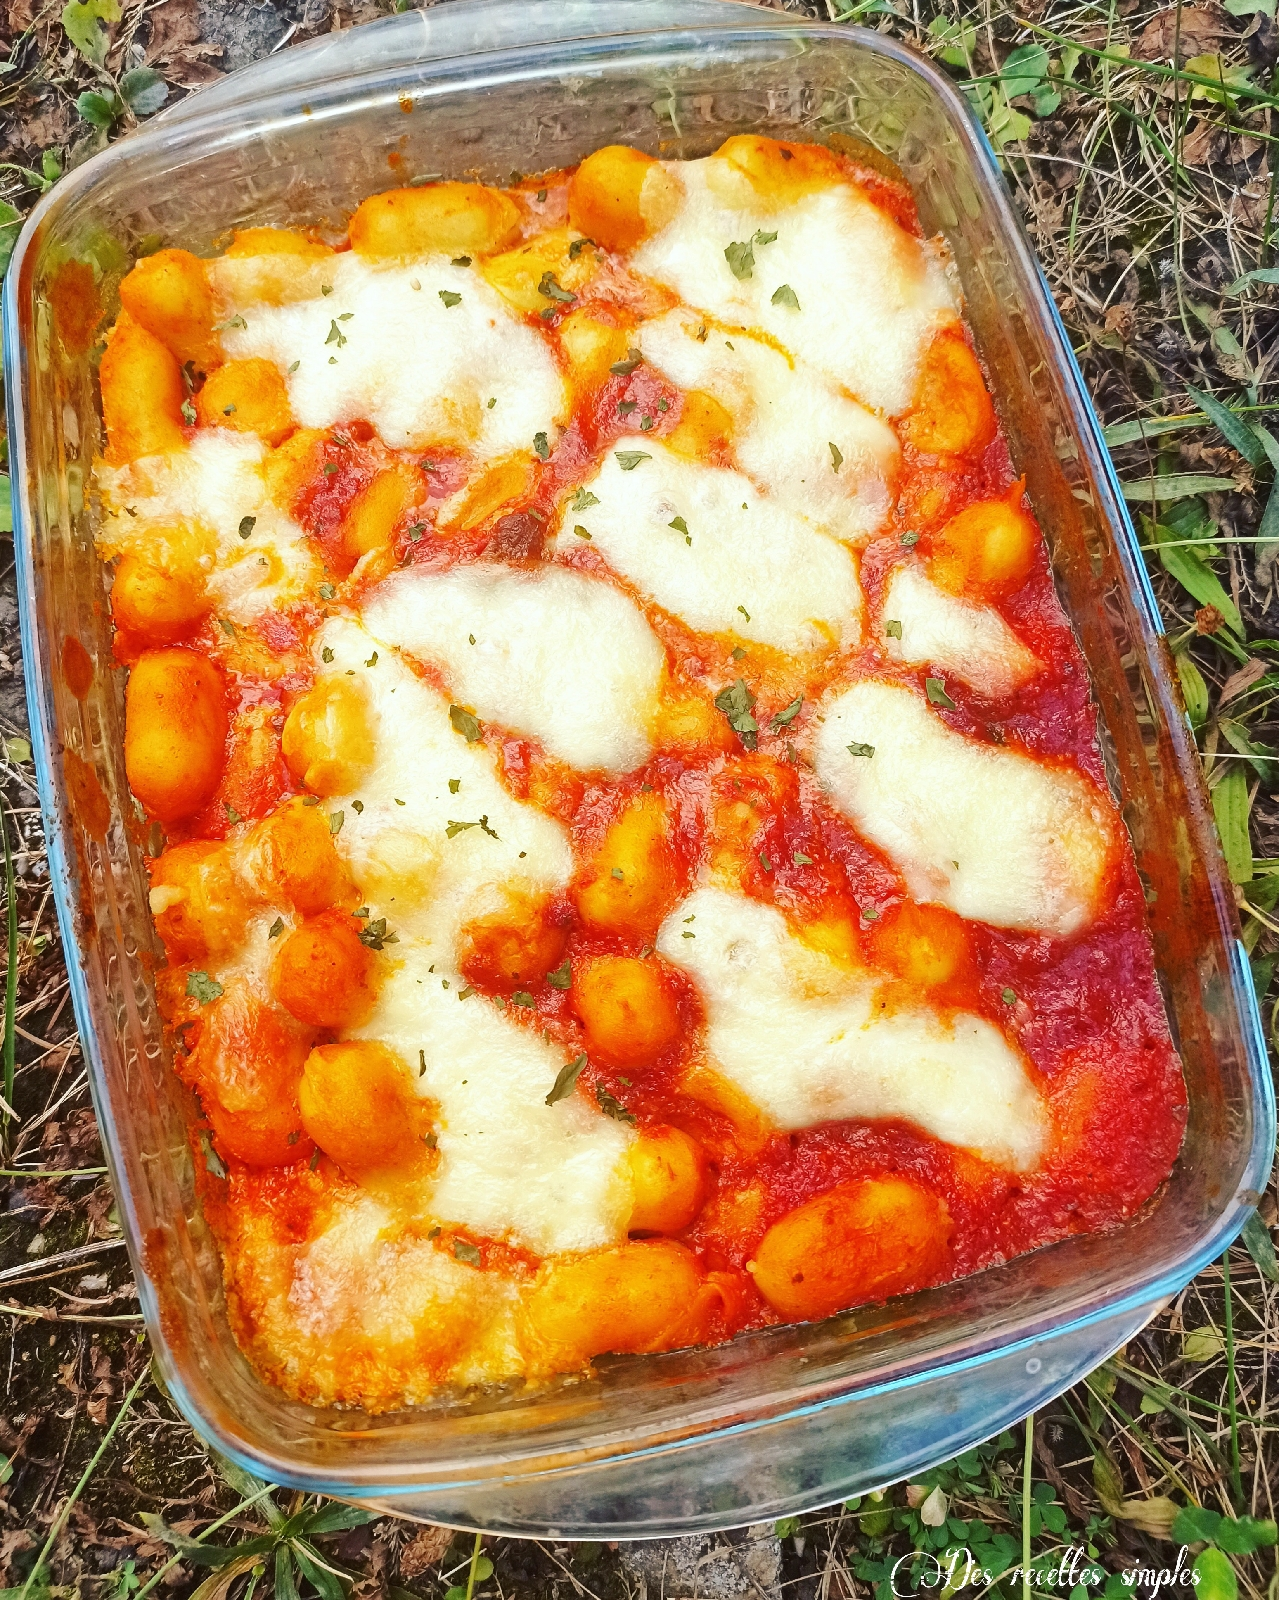 https://www.desrecettessimples-lacuisinedesandy.fr/2021/09/gratin-de-gnocchis-tomate-mozzarella.html